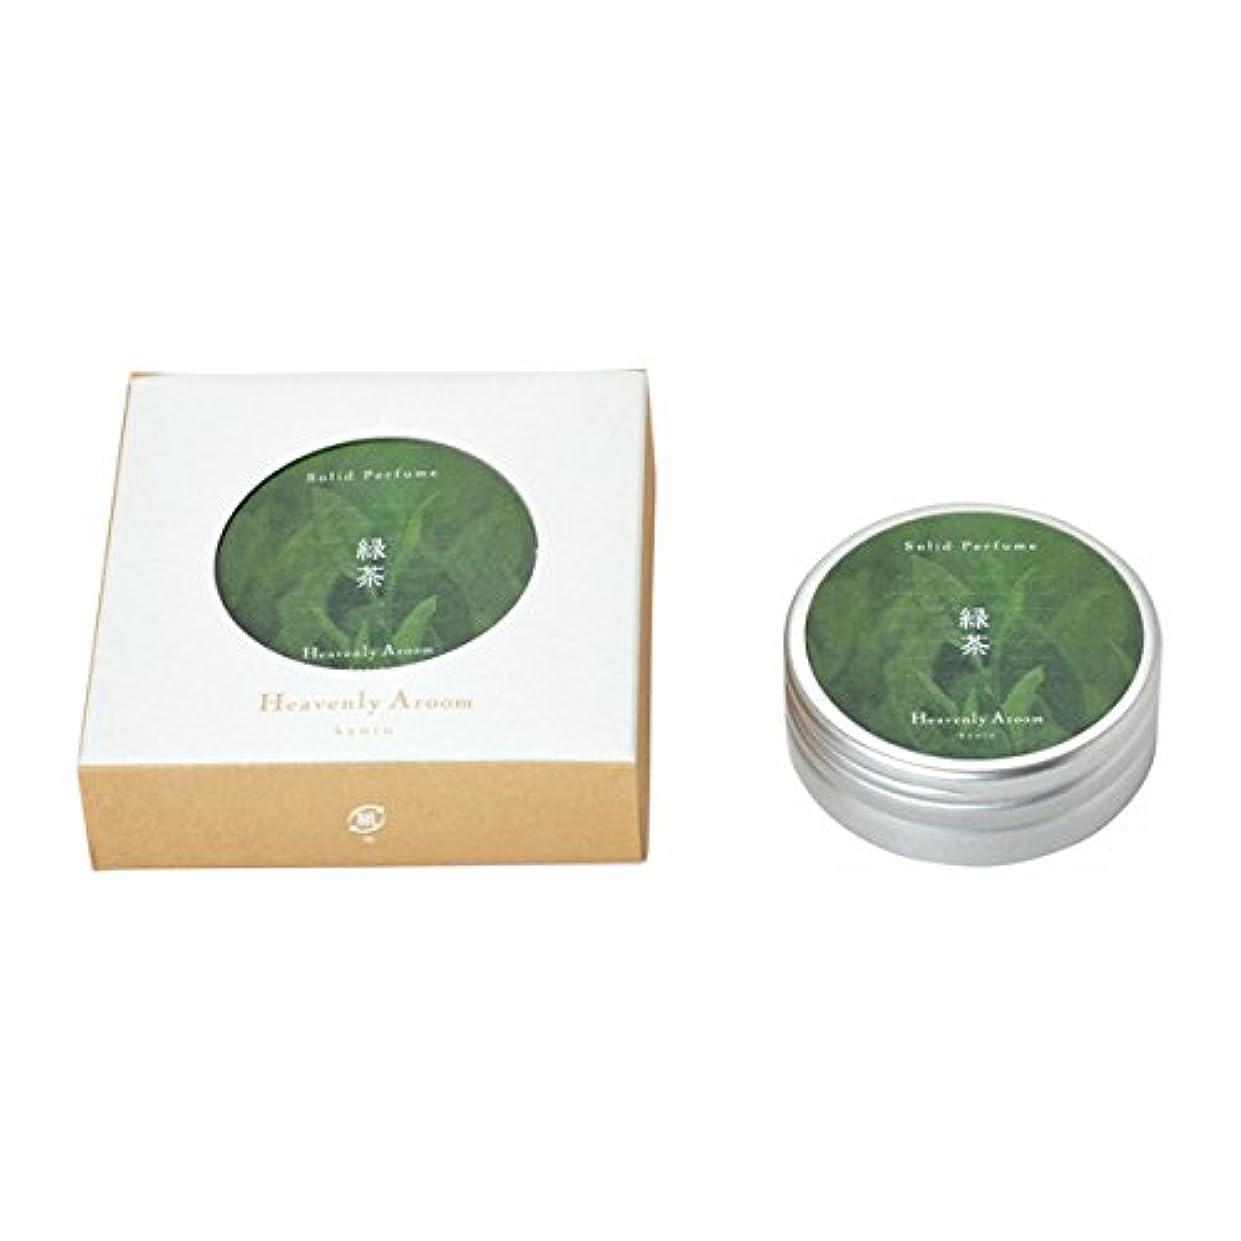 ミュウミュウリーズ独立してHeavenly Aroom ソリッドパフューム 緑茶 15g